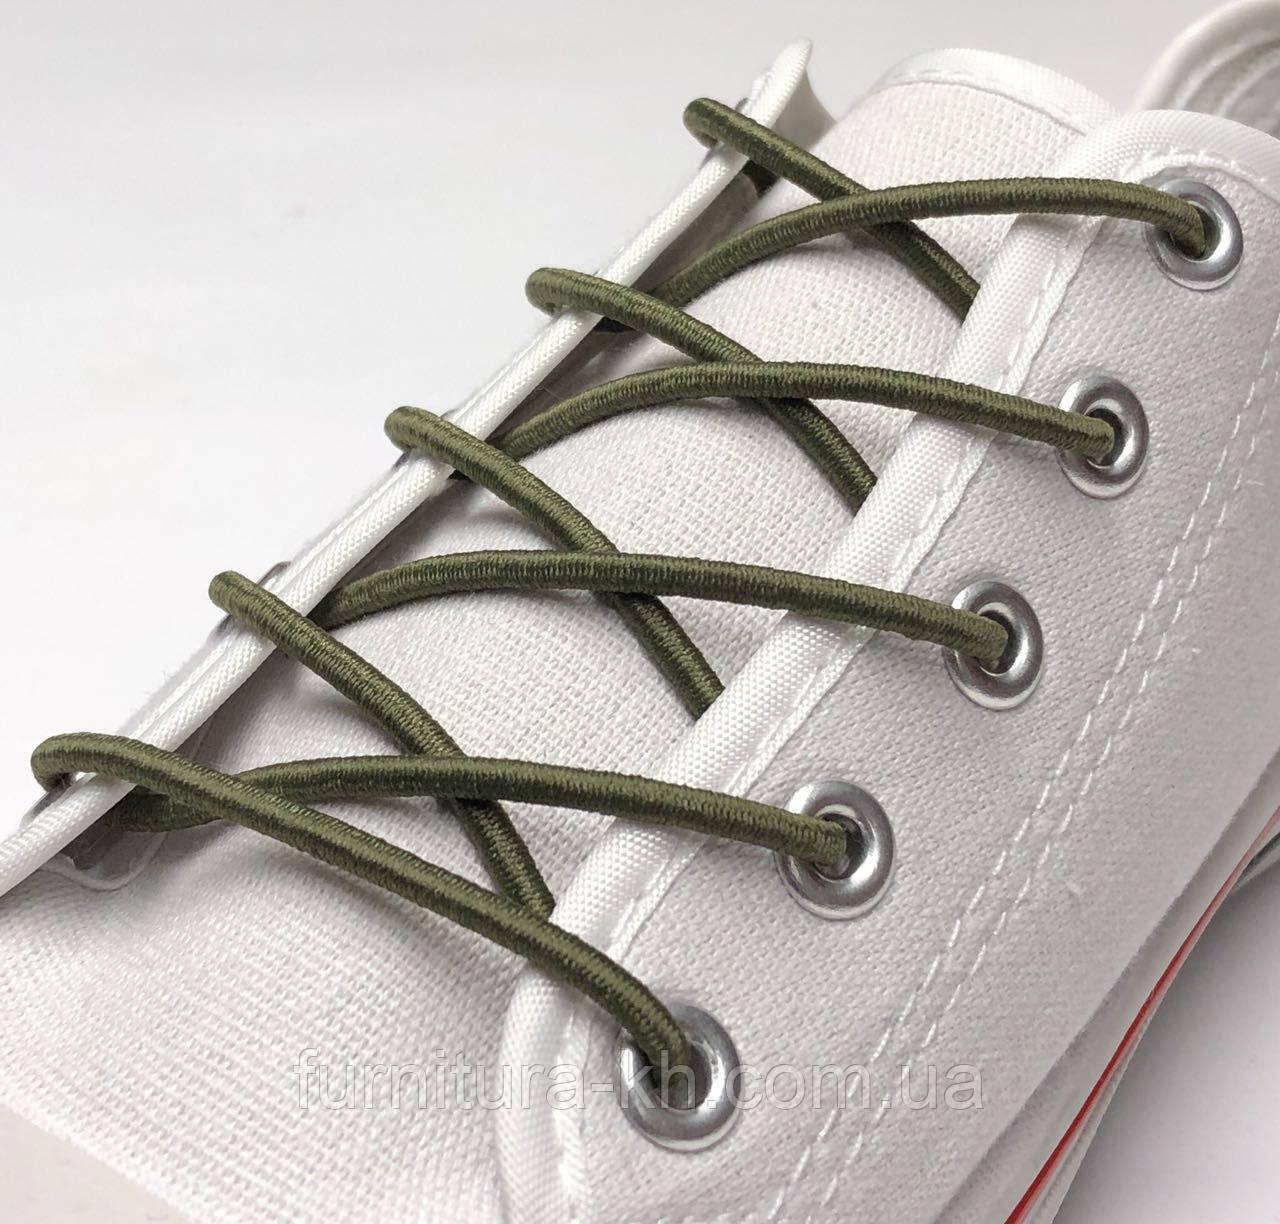 Шнурок Резиновый Круглый-Цвет Светлый--Хаки(толщина 3 мм).Длинна 1 метр